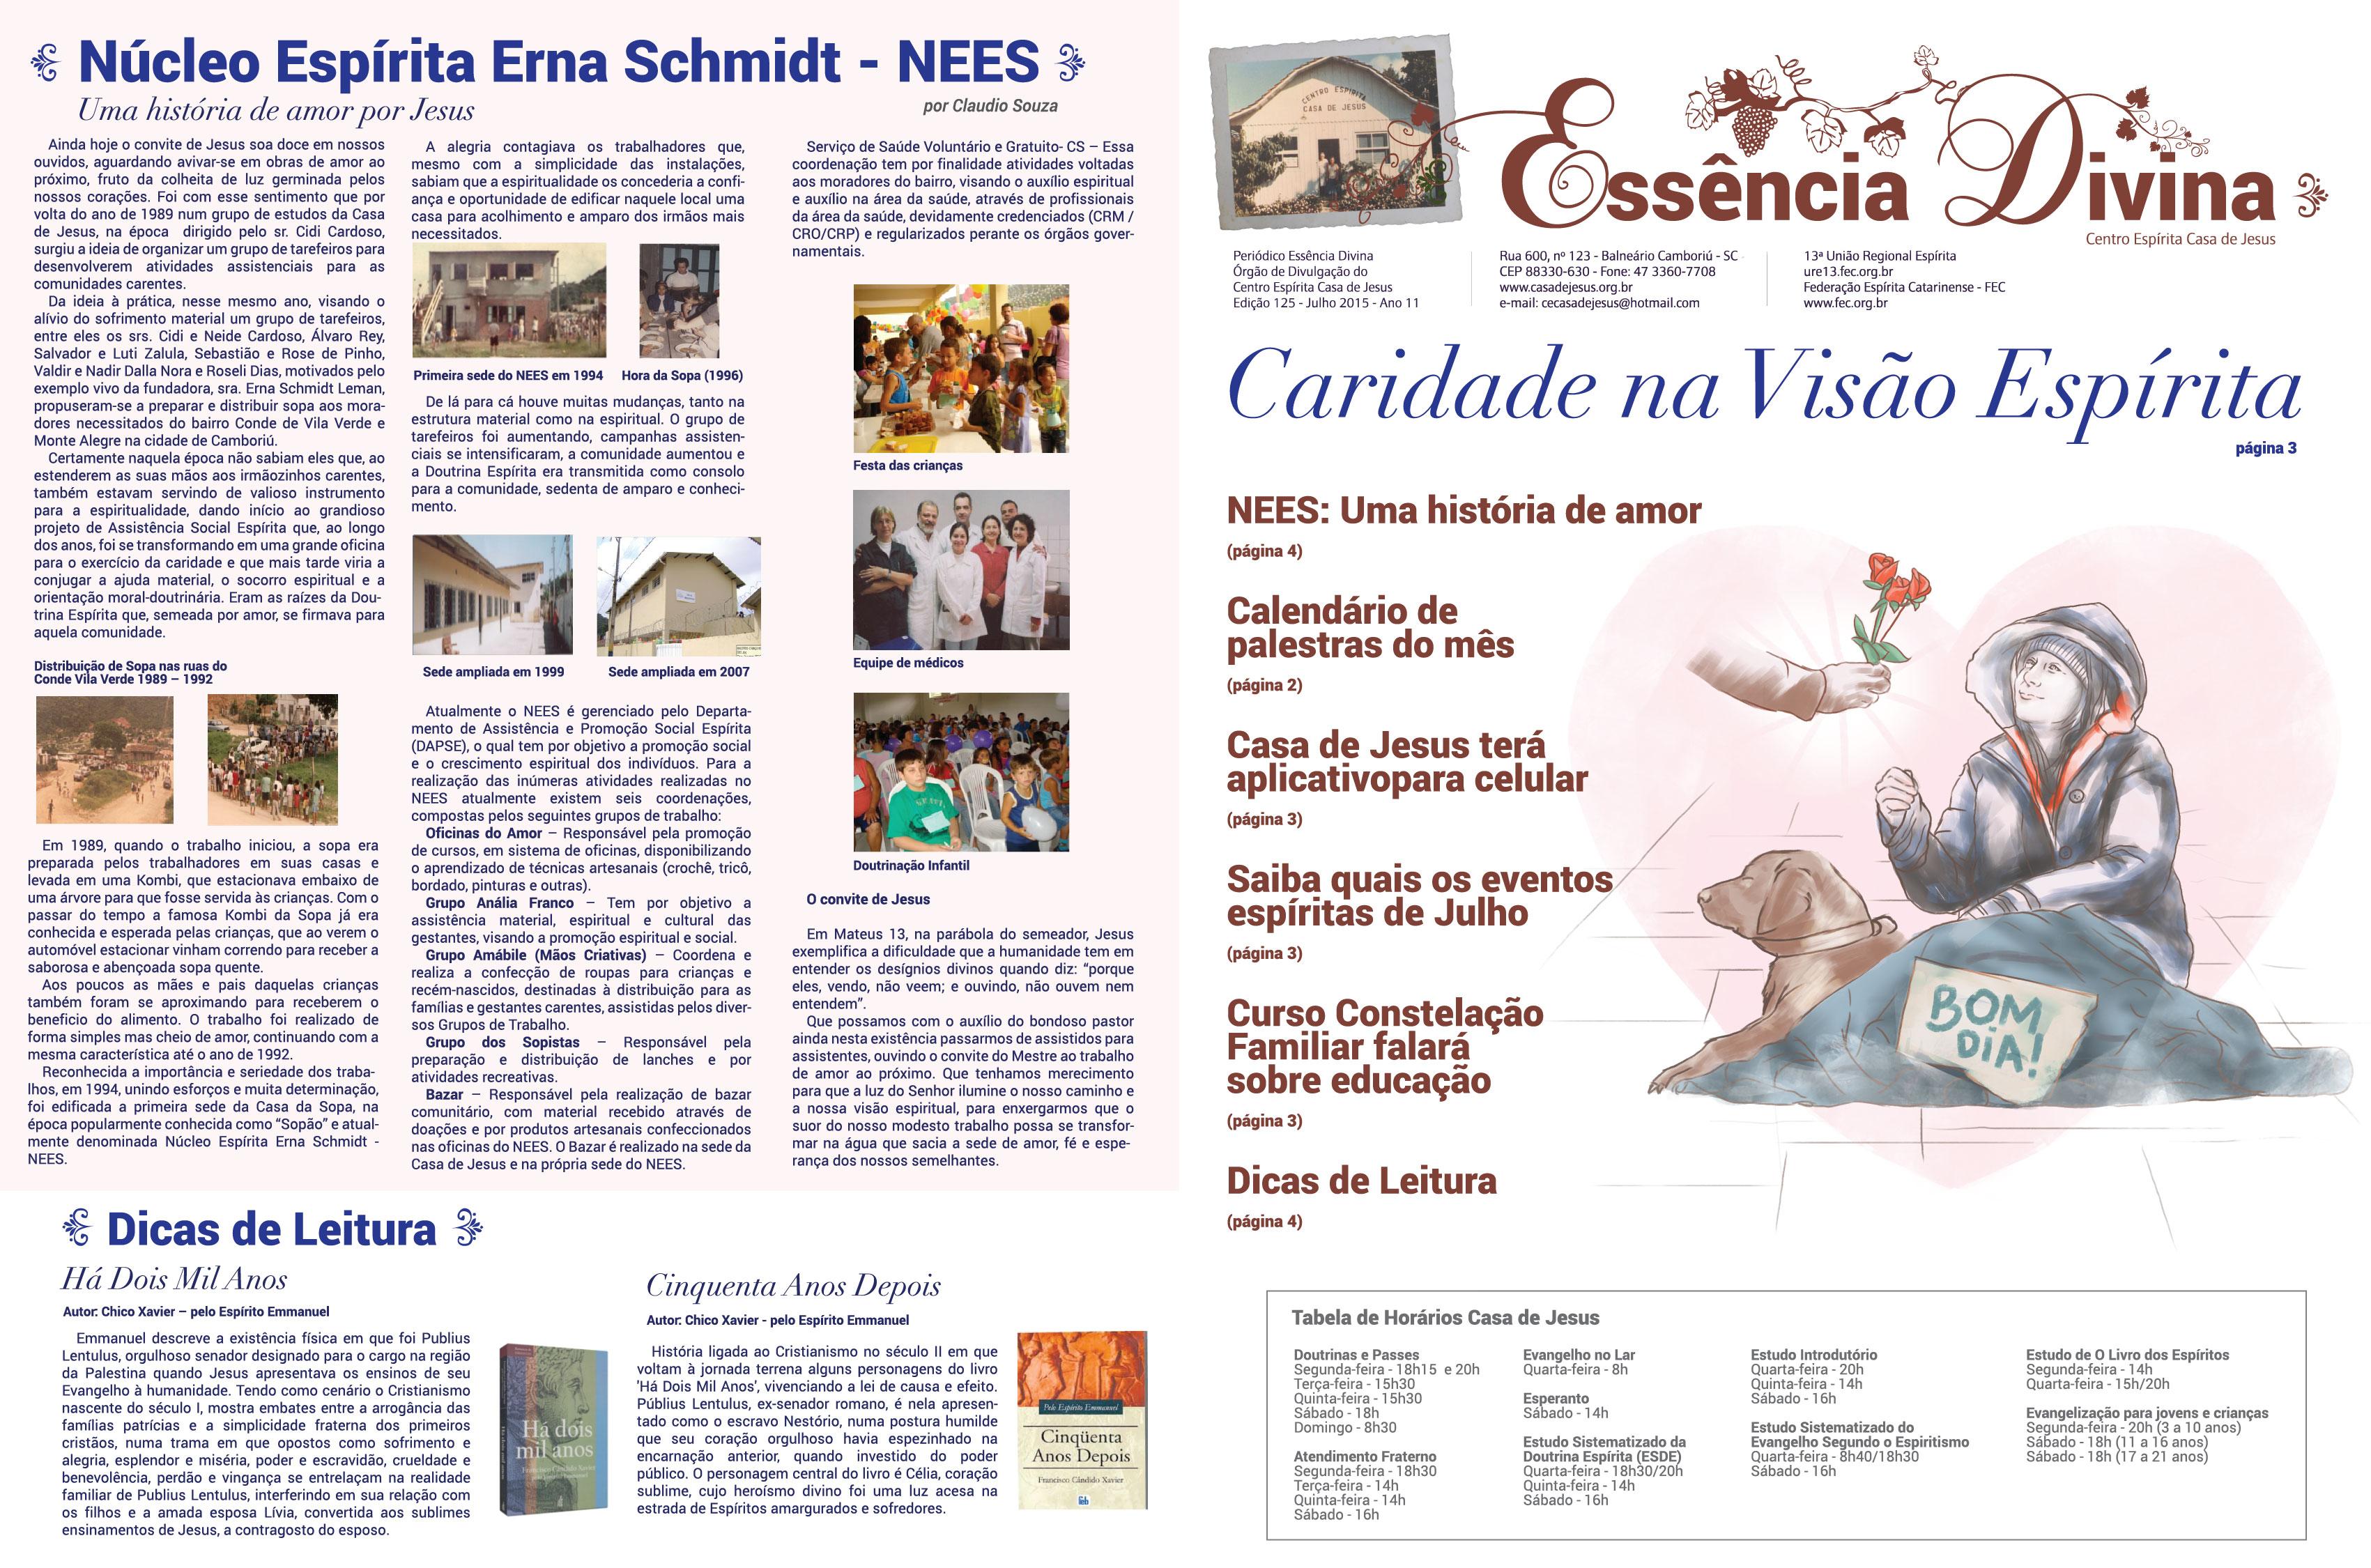 CECJ-Essencia-Divina-07-2015_01